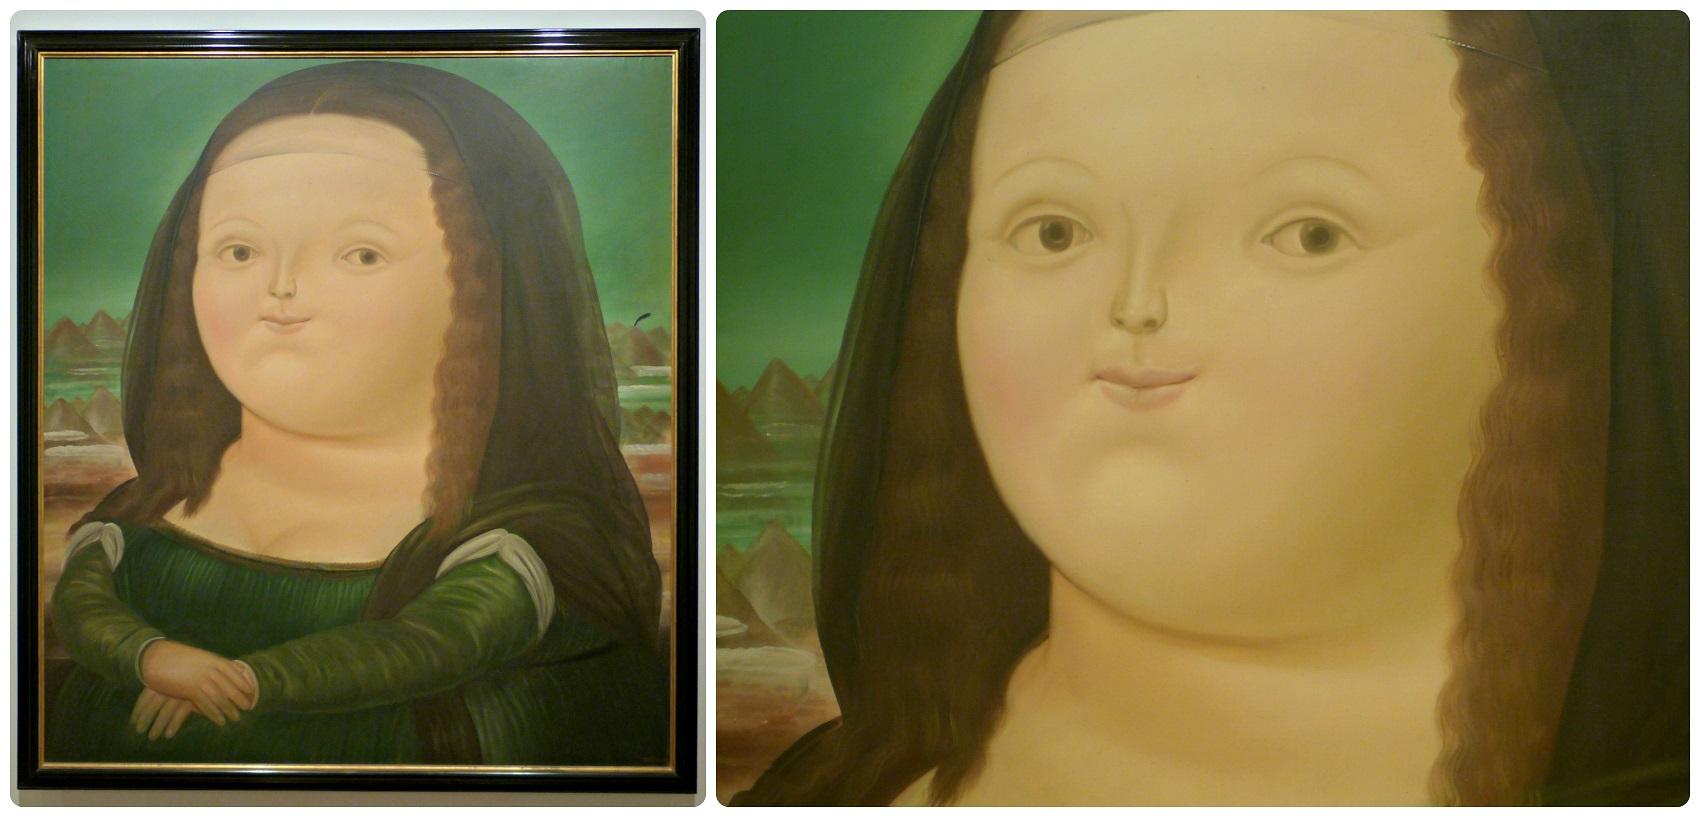 Cuadro en el Museo Botero de Bogotá